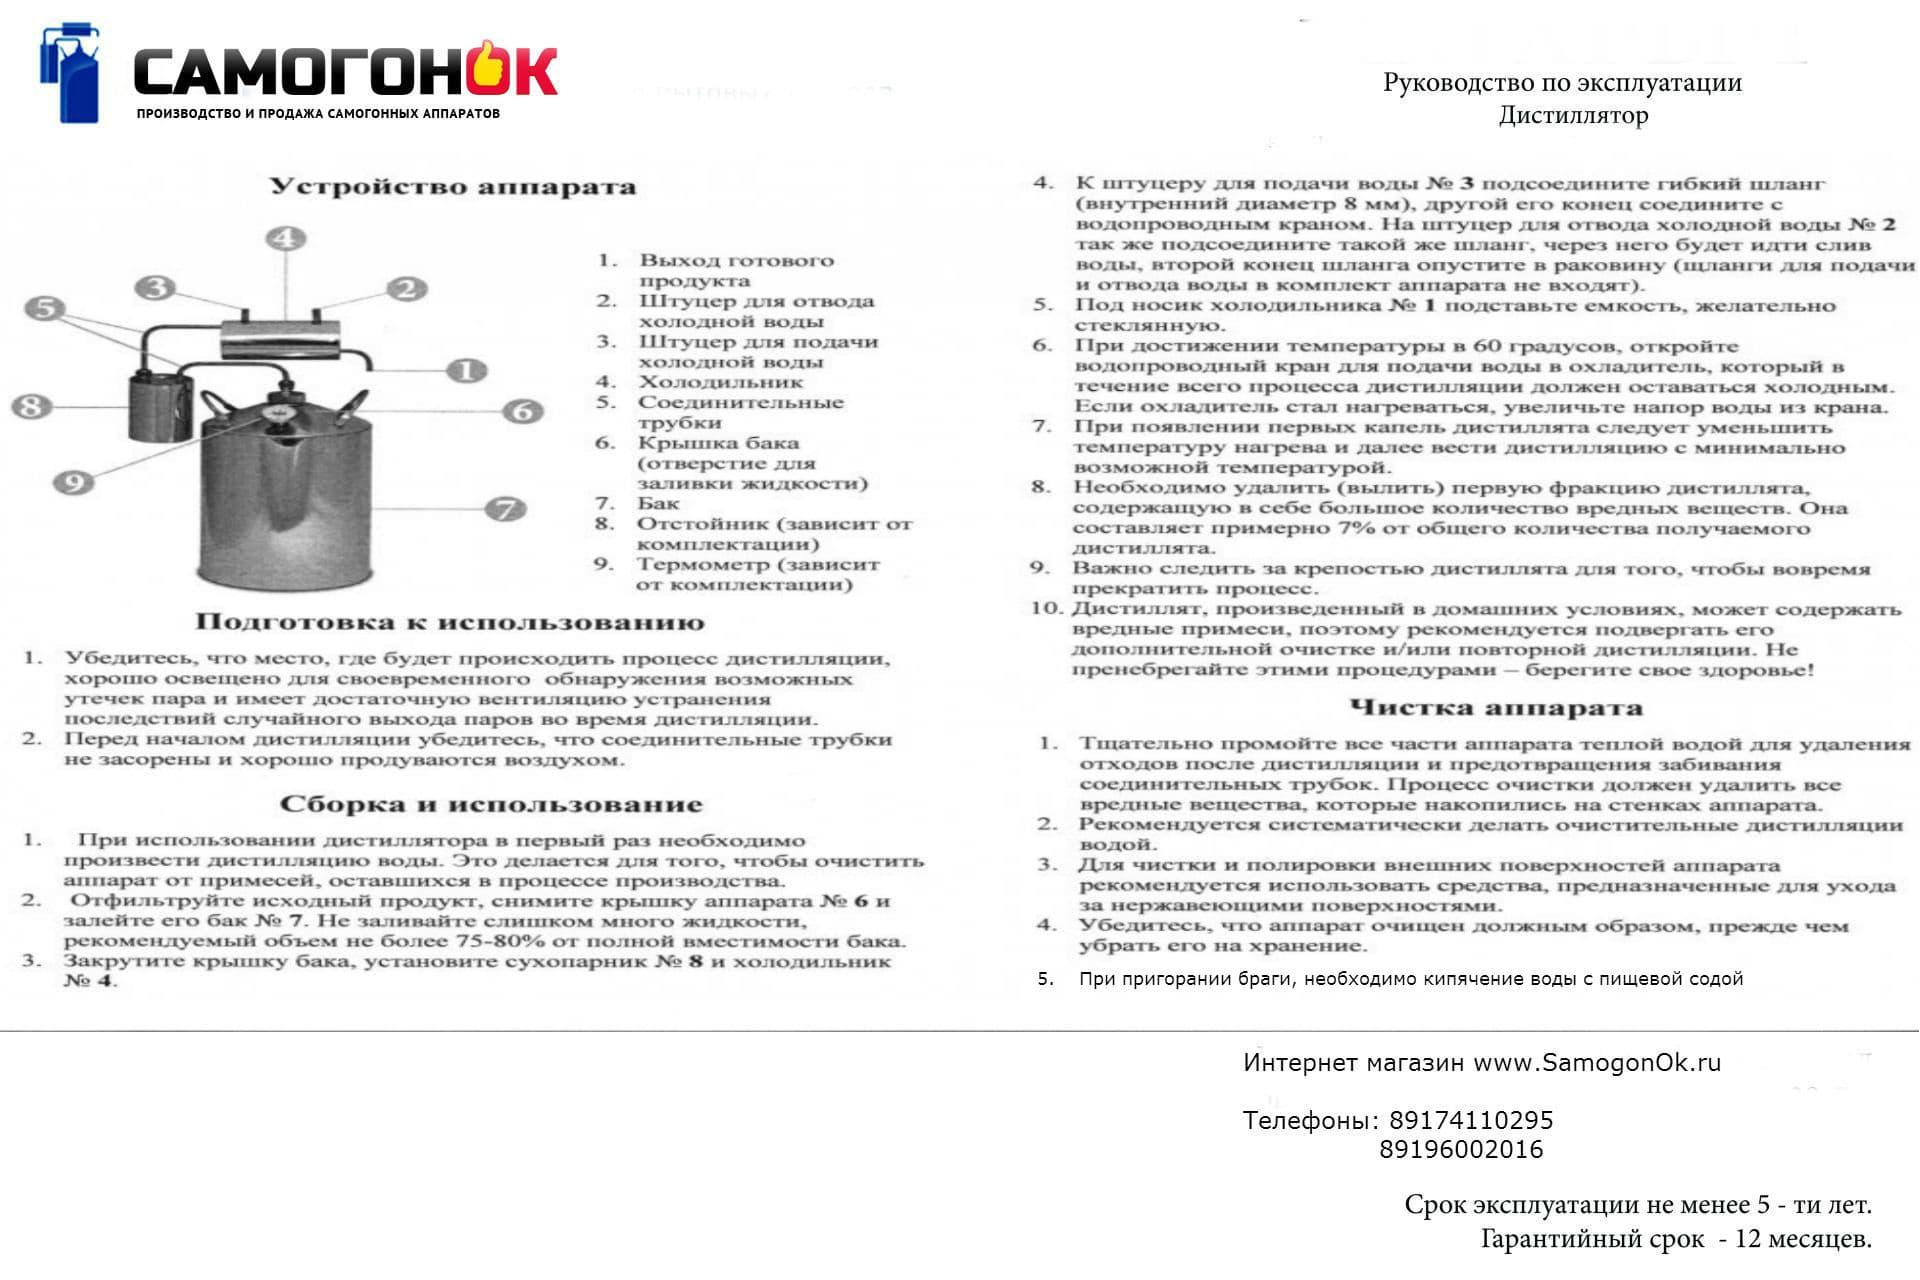 Самогонный аппарат Кремлевский инструкция